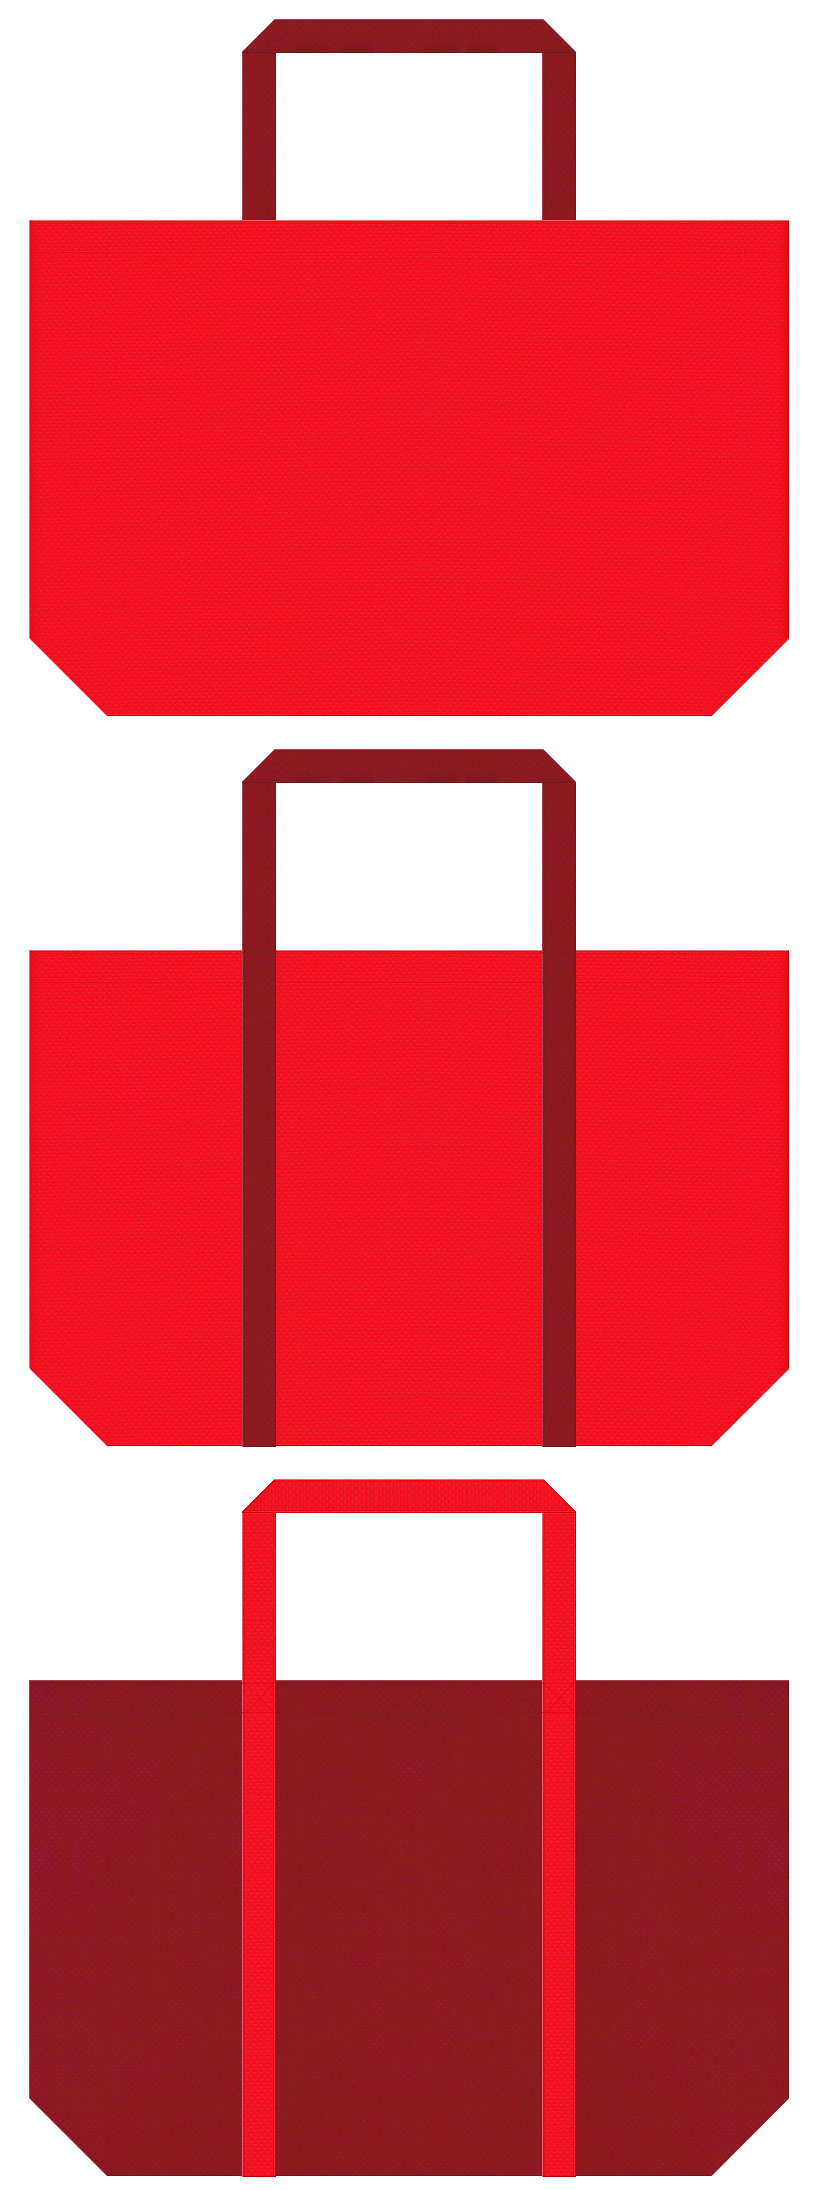 赤色とエンジ色の不織布ショッピングバッグデザイン。クリスマスのショッピングバッグにお奨めです。